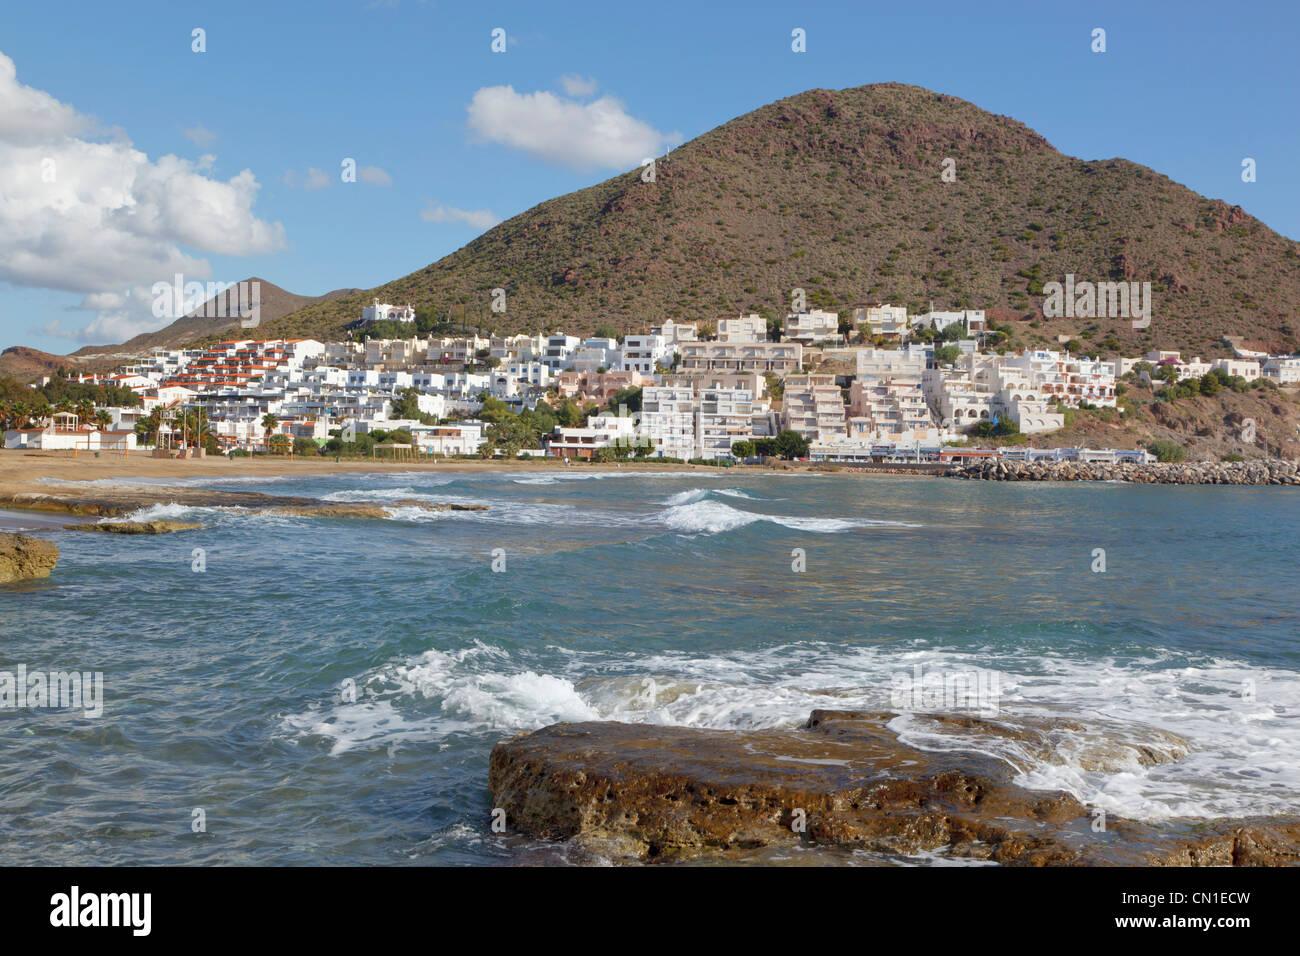 San jose cabo de gata nijar natural park almeria for Cabo de gata spain